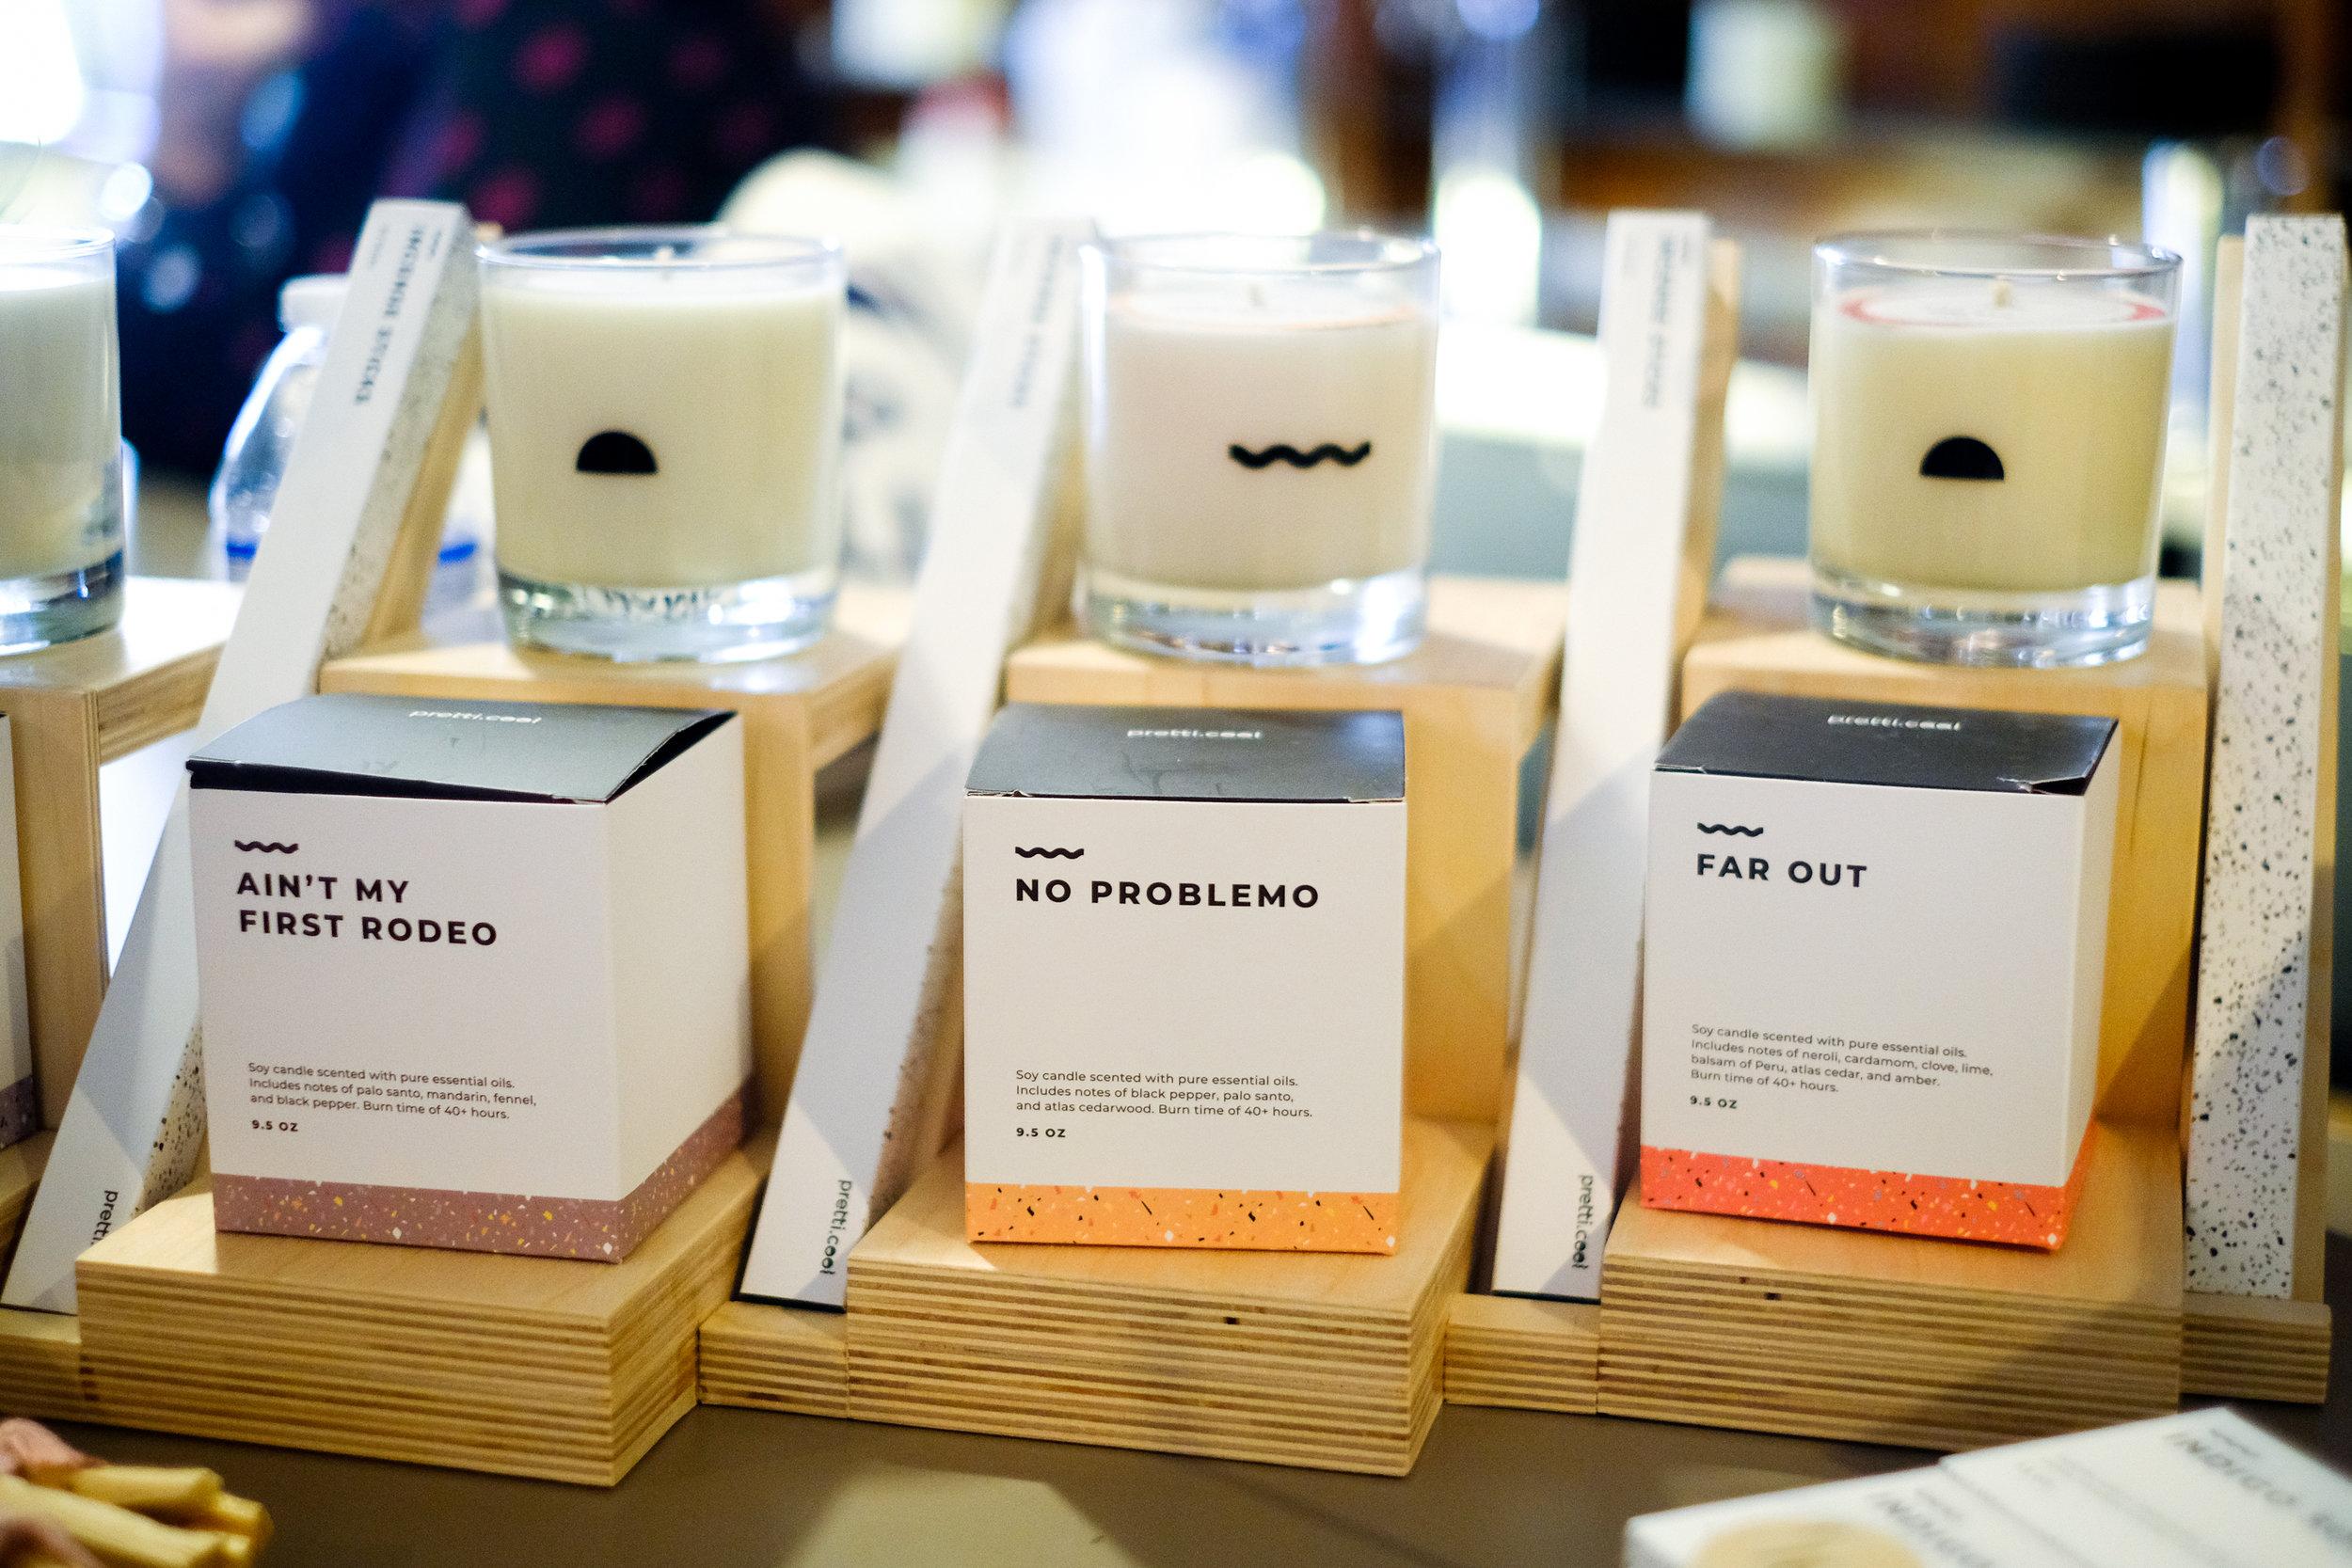 Pretti.cool candles